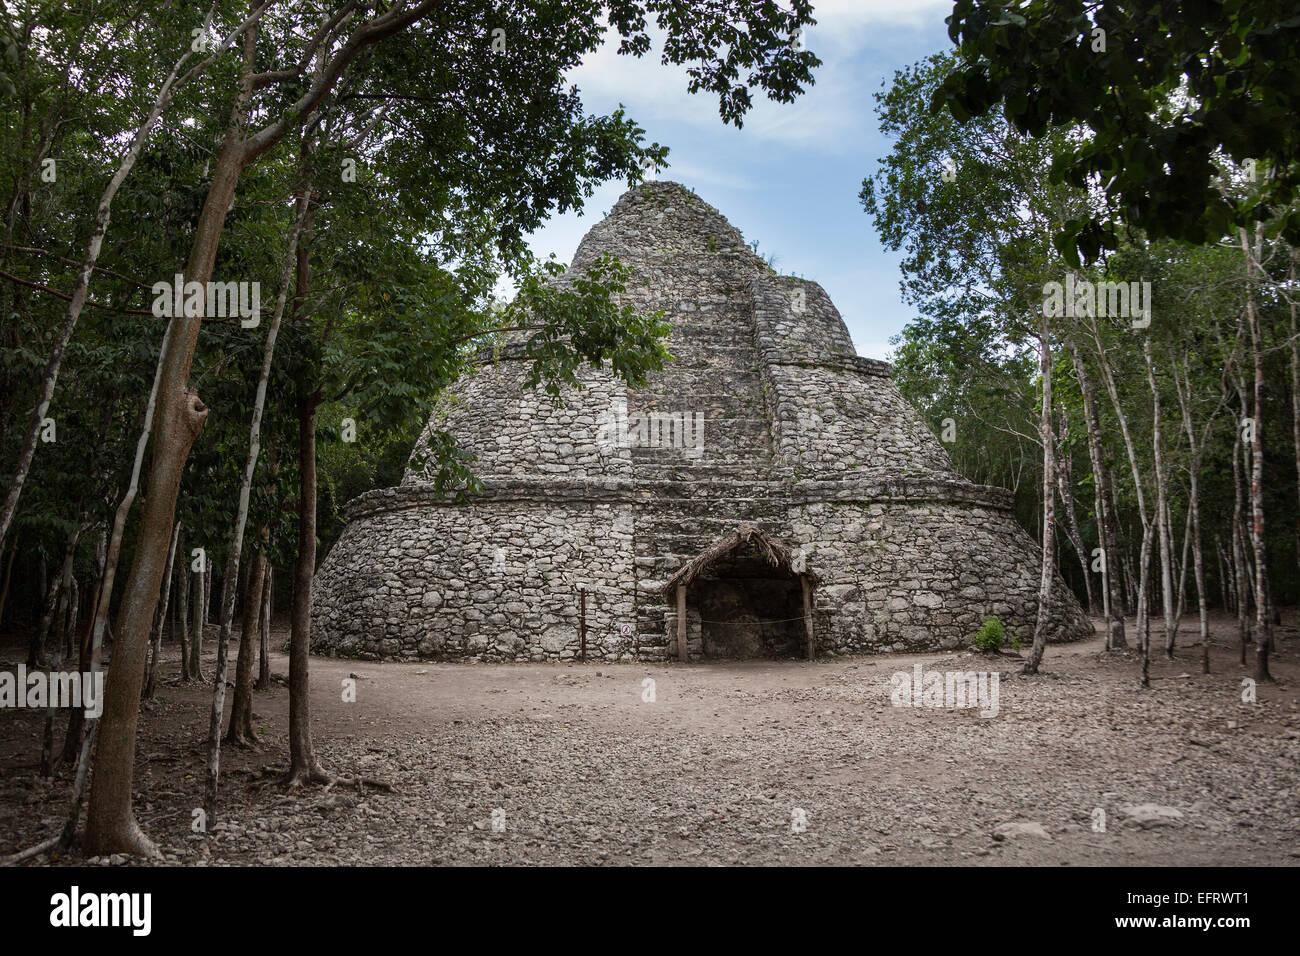 coba ruins pyrooramid maya civilization Quintana Roo, Mexico north america religion - Stock Image